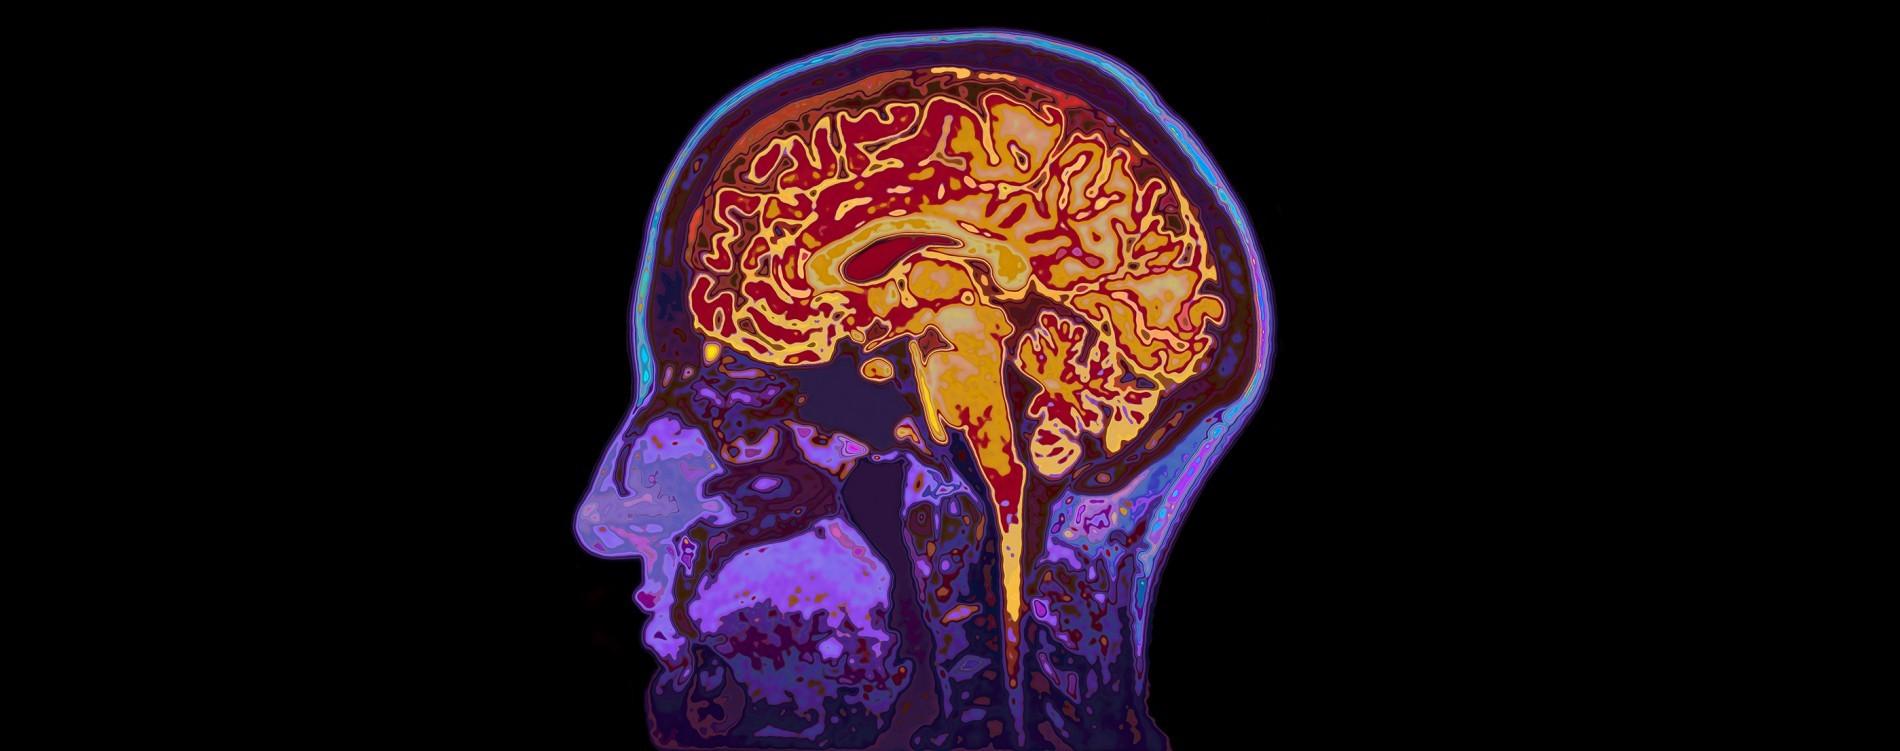 دراسة جديدة تبشر بعلاج مرض ألزهايمر الخلايا الدبقية الصغيرة التدهورَ العصبي الناجم عن الإصابة بمرض كـألزهايمر بروتين تاو في الأنسجة العصبية